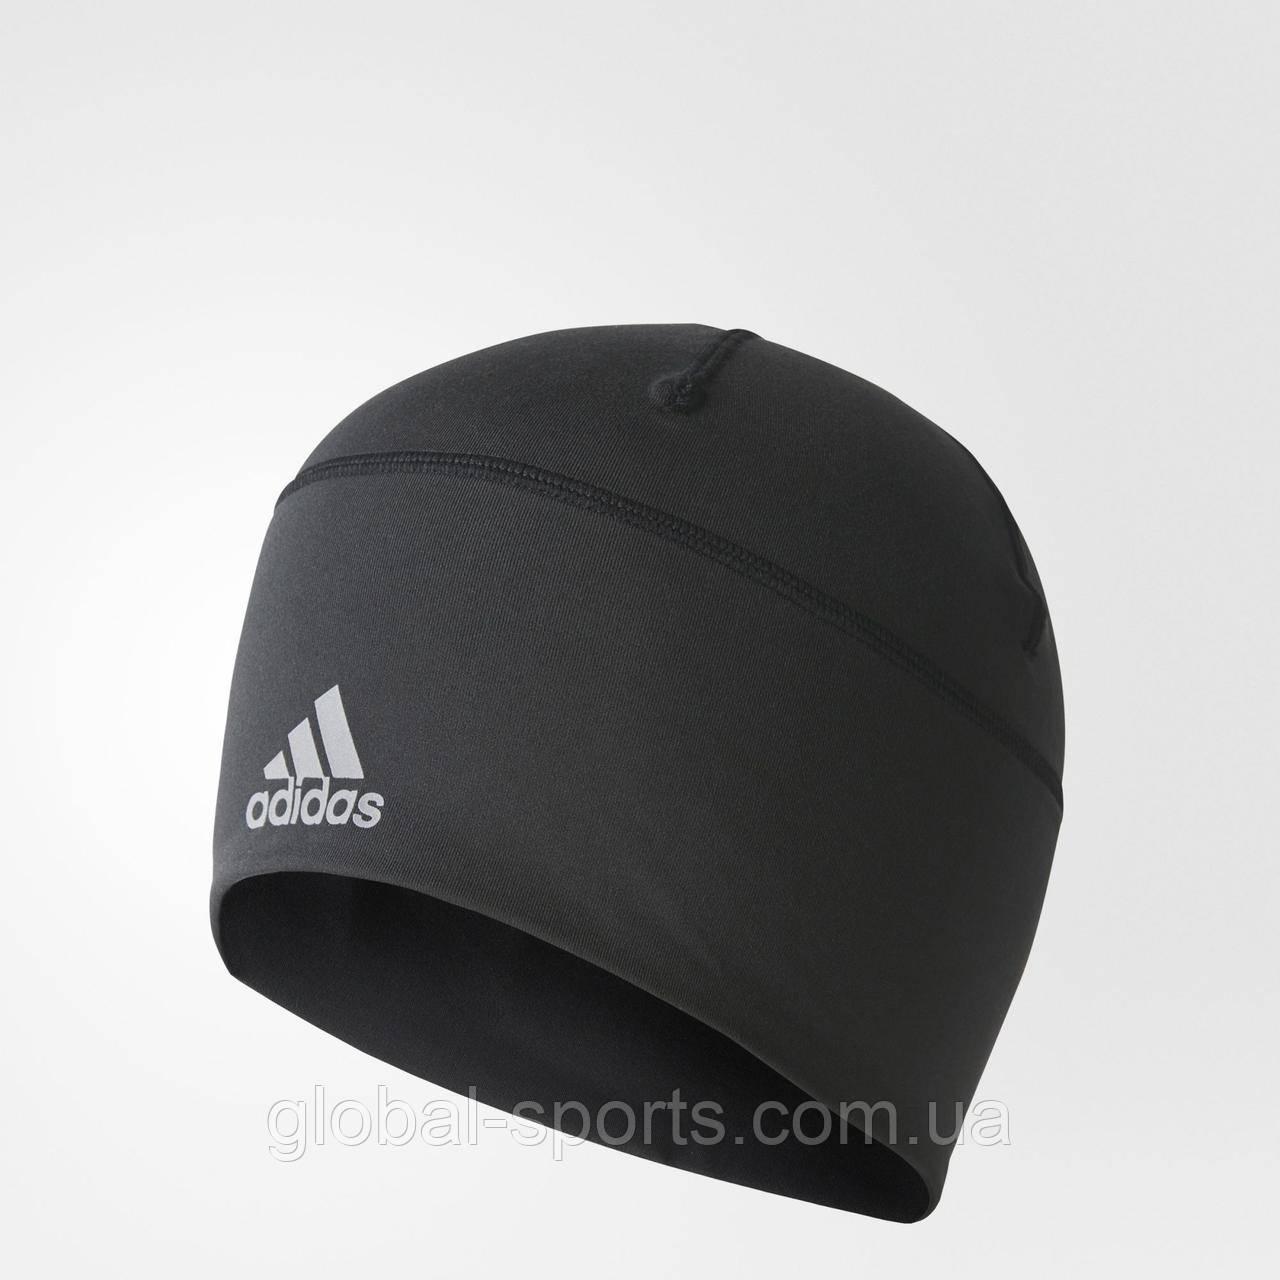 Шапка Adidas Performance Climalite (Артикул: BR0797)